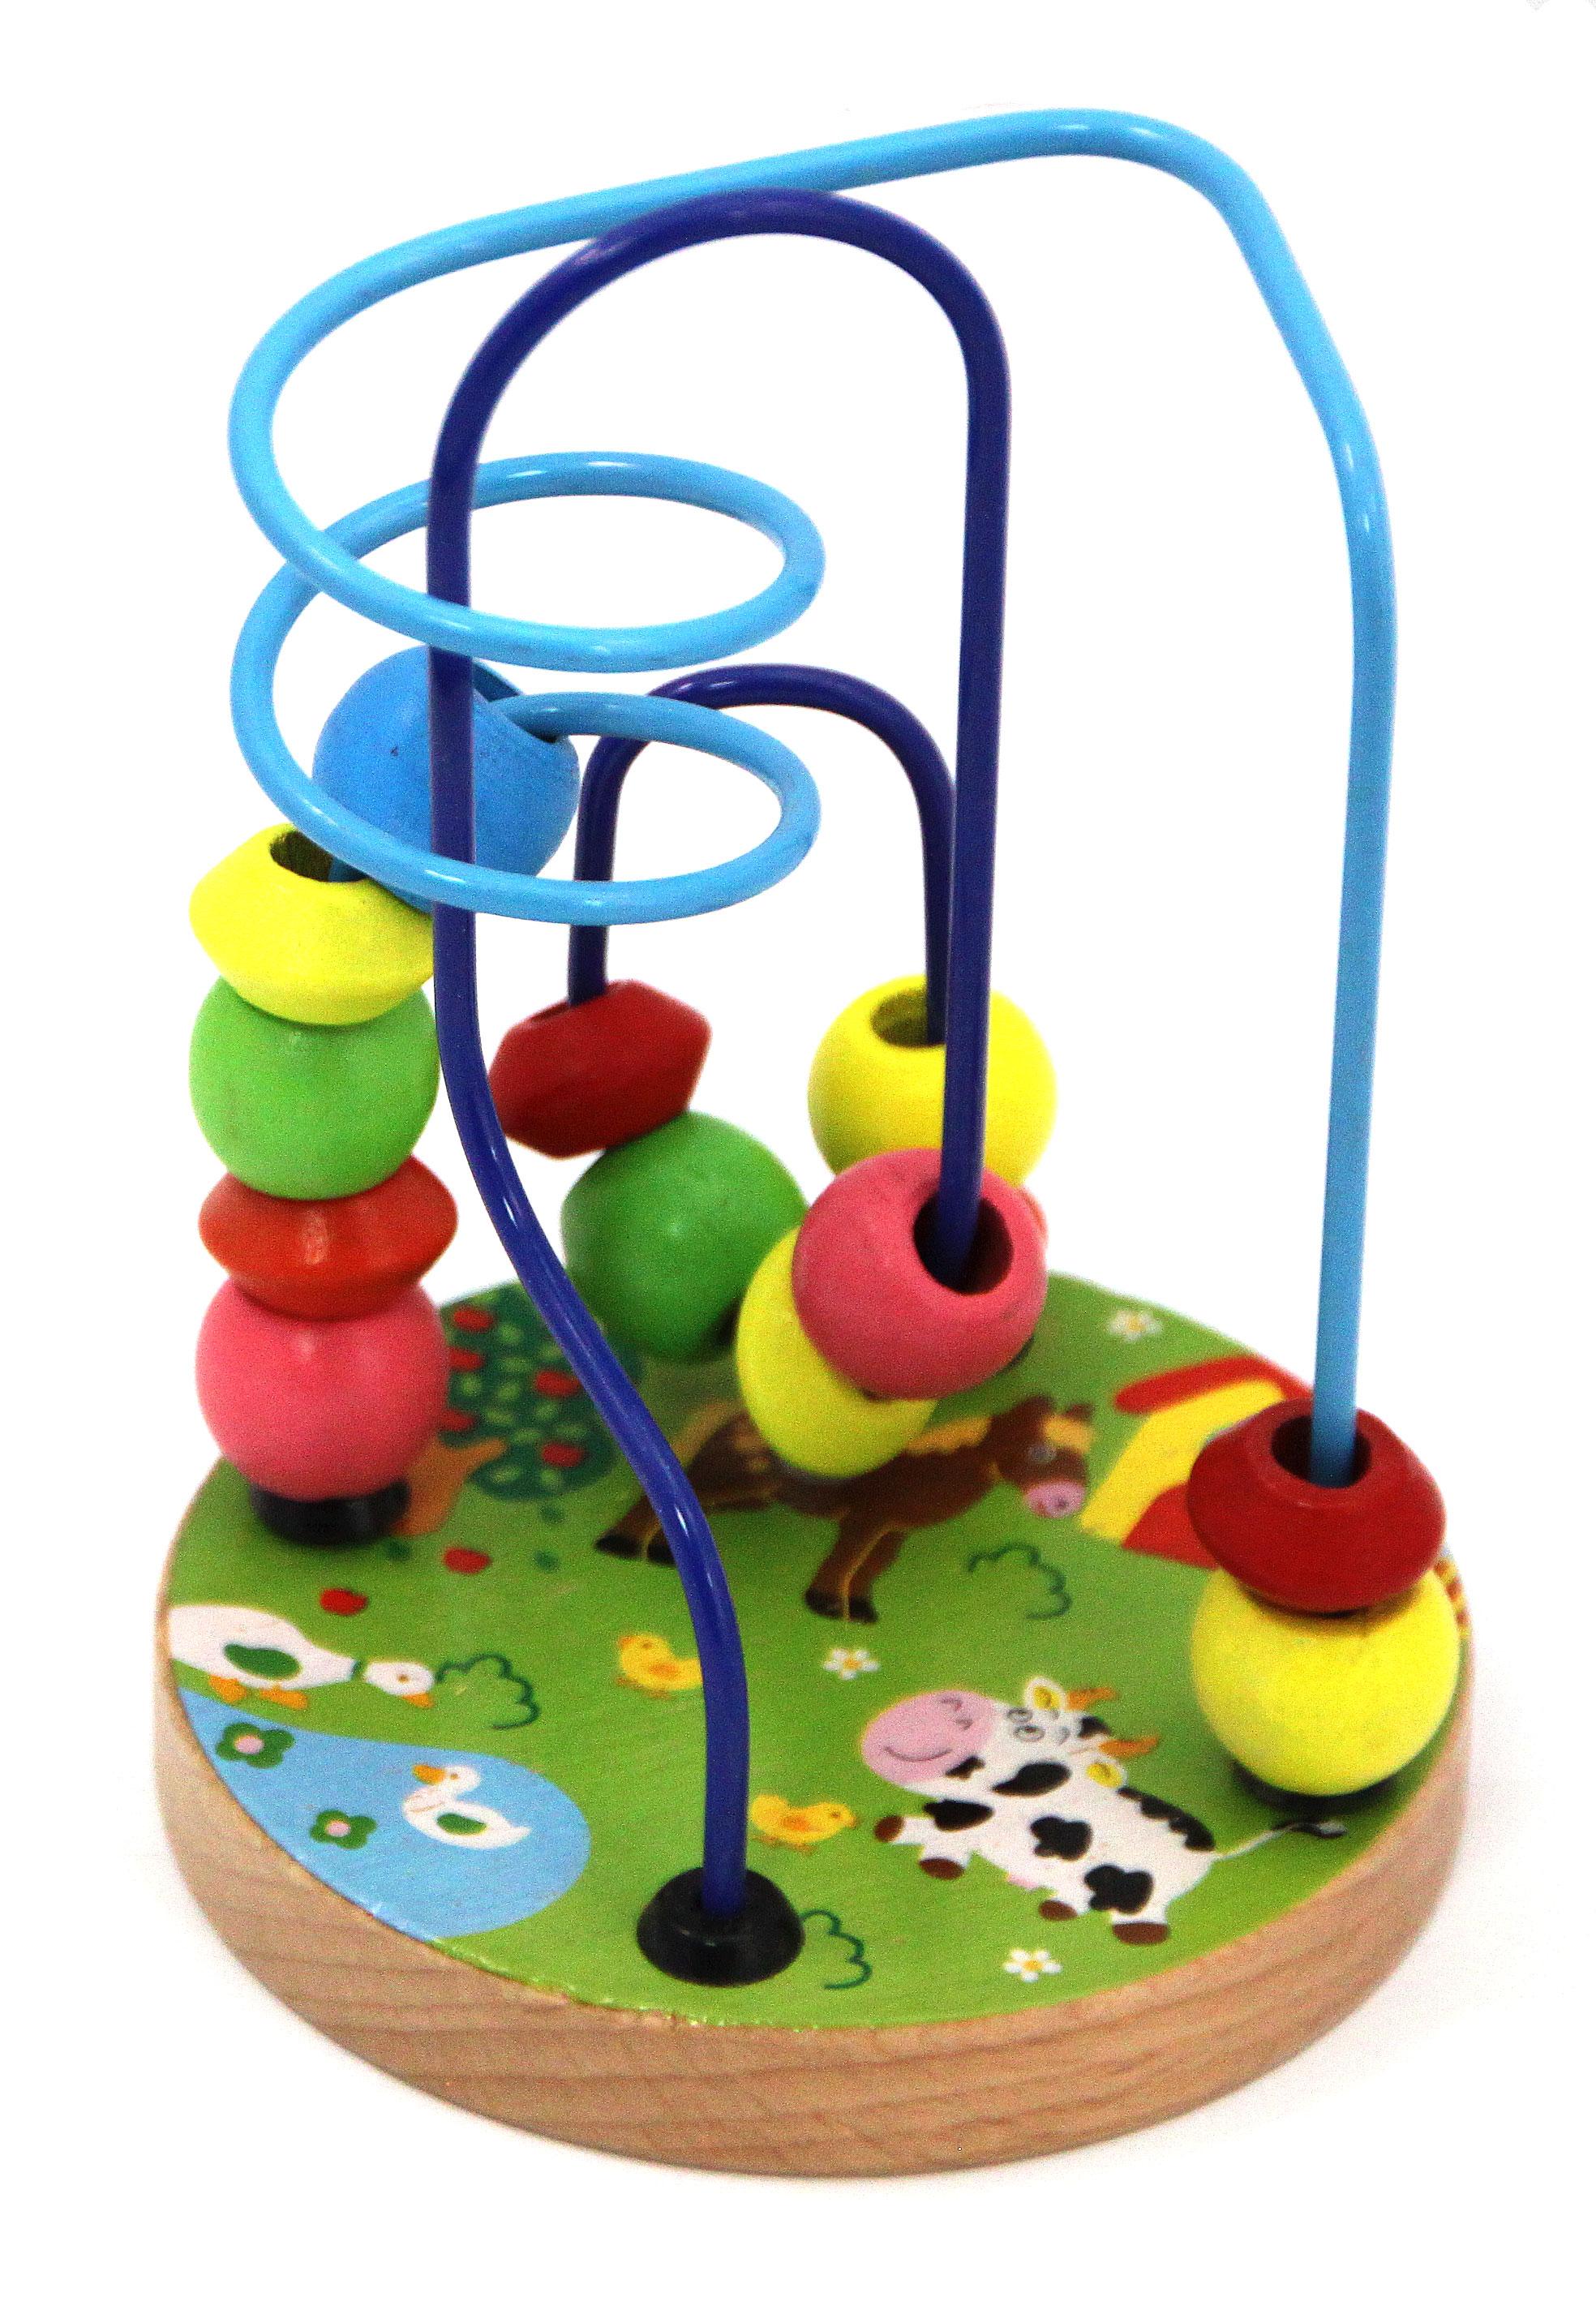 Деревянные игрушки База игрушек Лабиринт деревянный База игрушек в ассортименте деревянные игрушки мир деревянных игрушек лабиринт 5